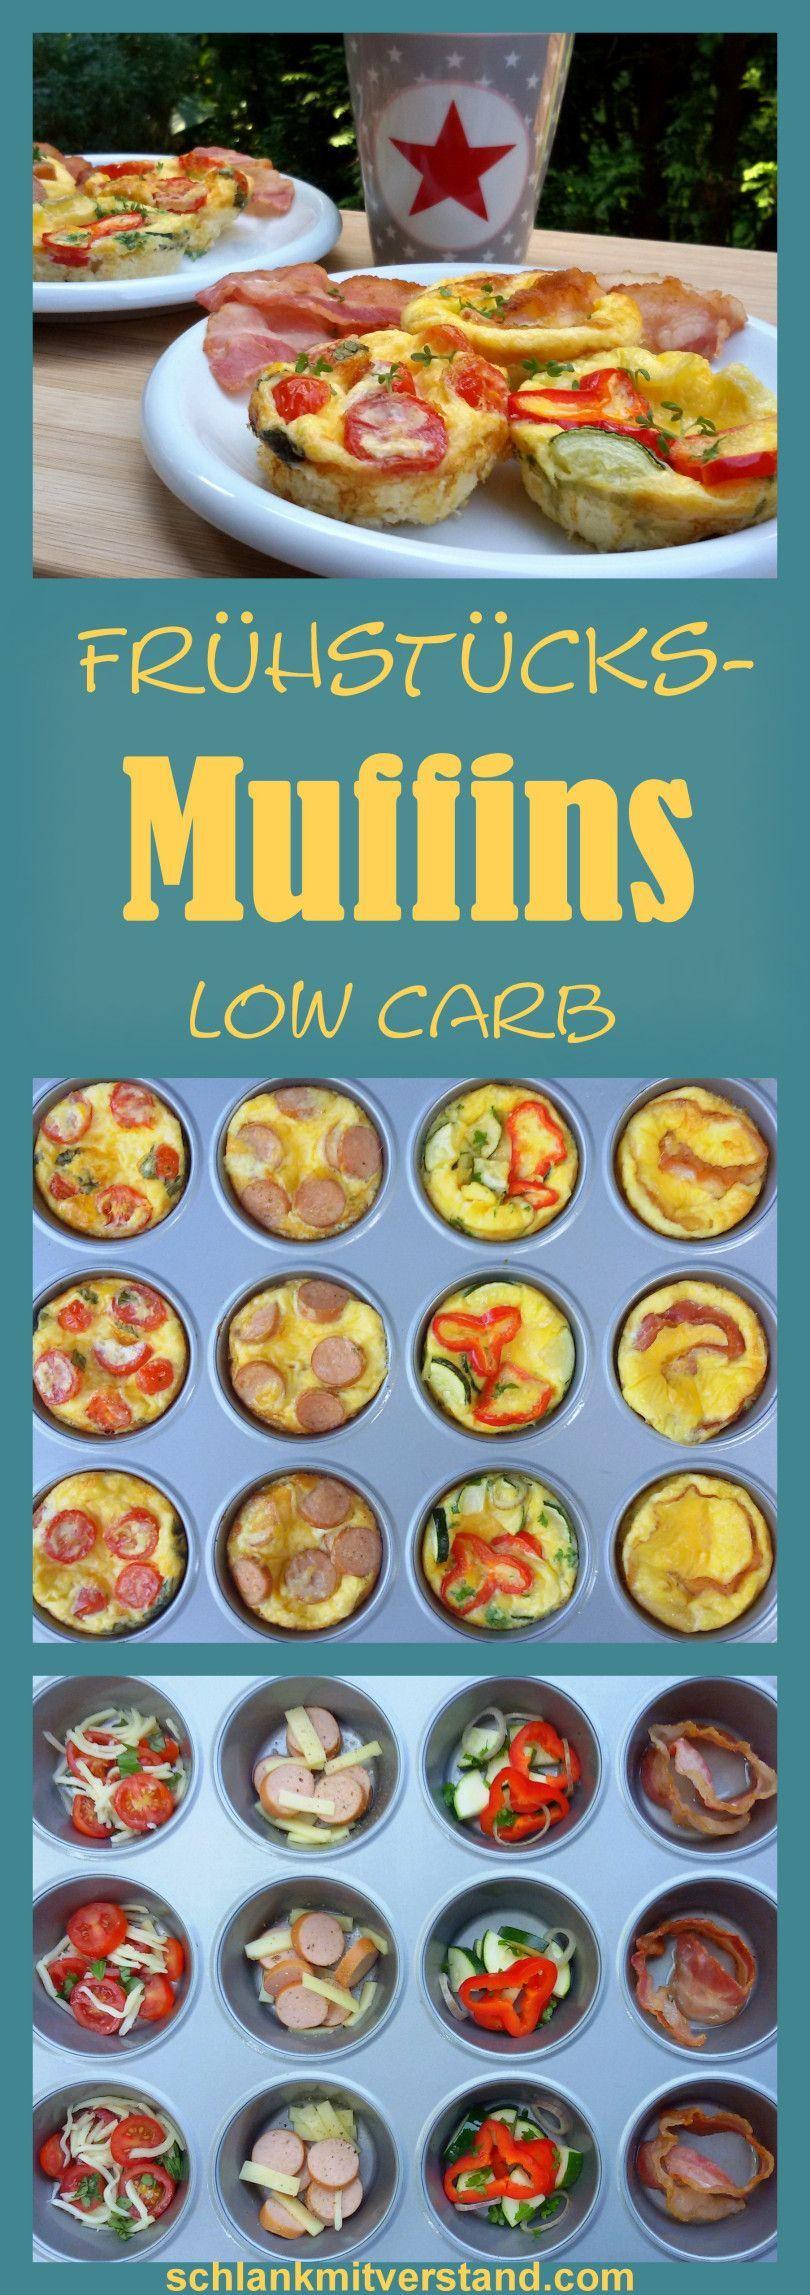 Frühstücks-Muffins mit Ei low carb,  #Carb #Fitness #Frühstücksmuffins #gesundundfit #Gesundheit #mi...